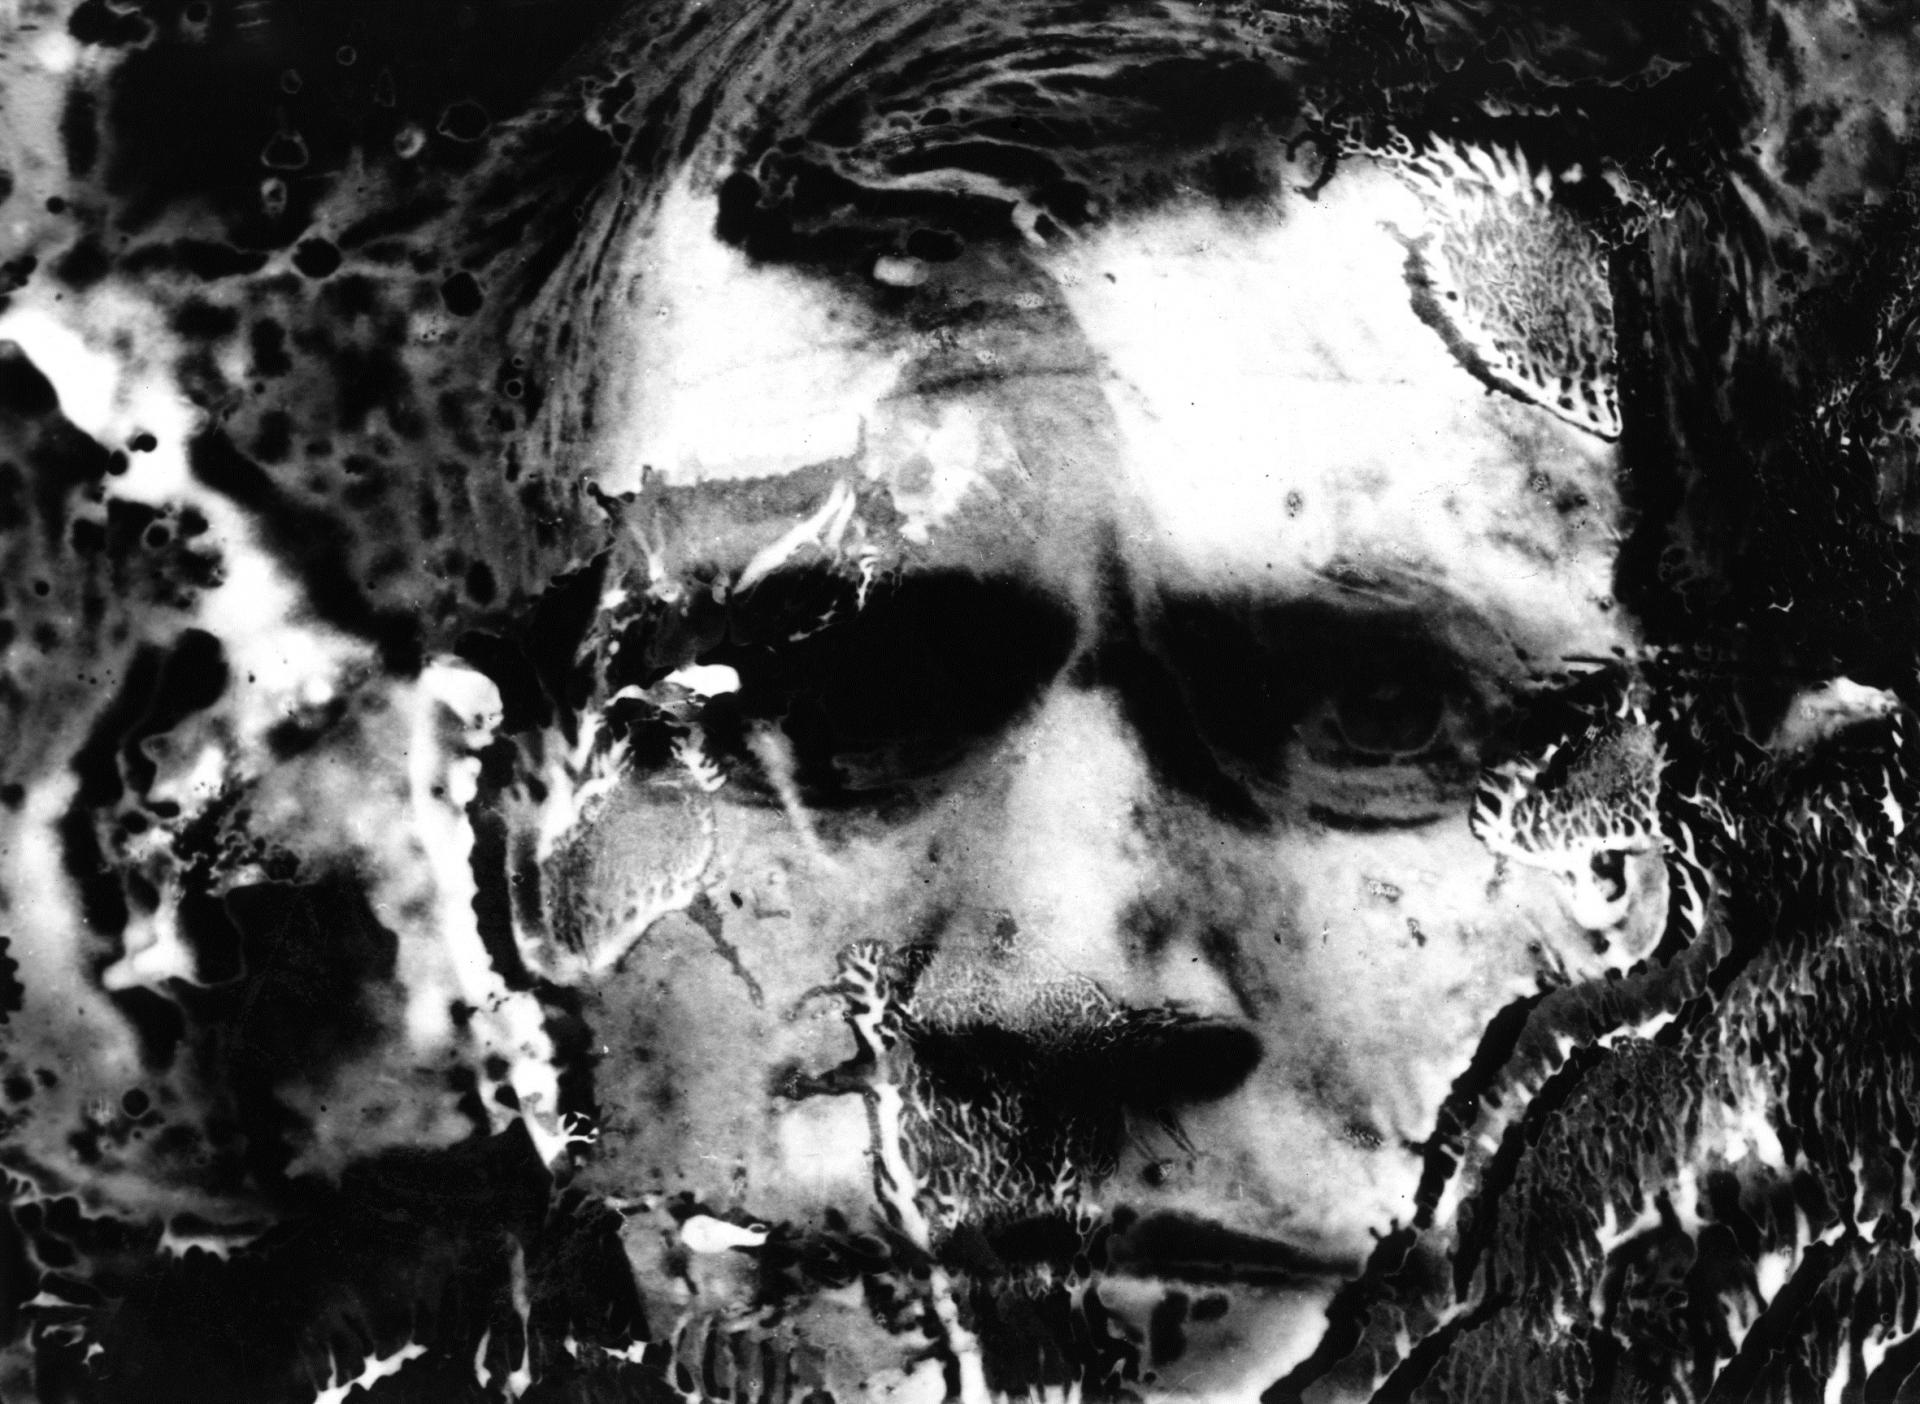 Józef Robakowski, Autoportret, 1967, technika własna, odbitka żelatynowo-srebrowa, kolekcja Muzeum Sztuki w Łodzi